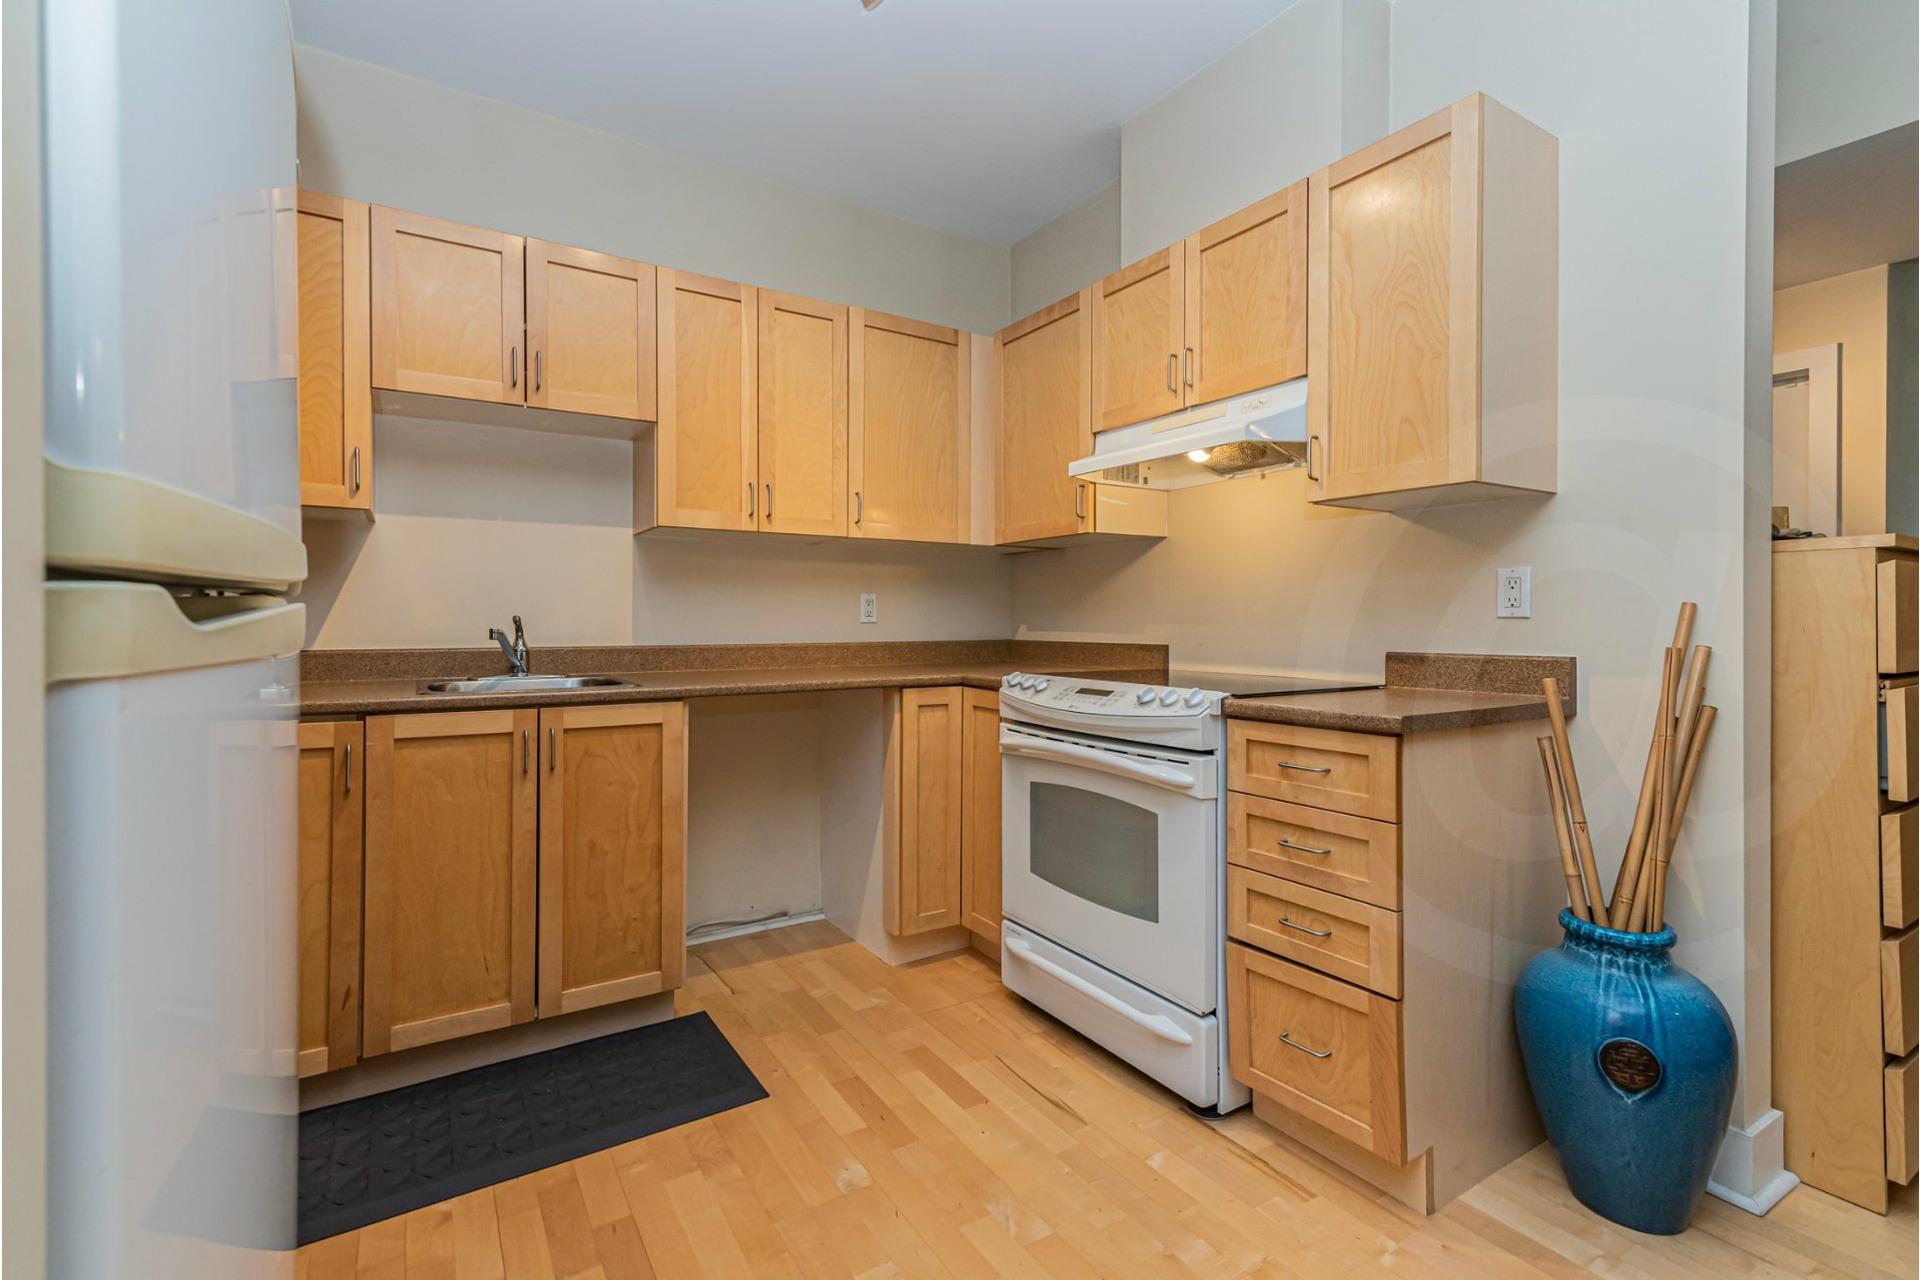 image 7 - Appartement À vendre Lachine Montréal  - 4 pièces